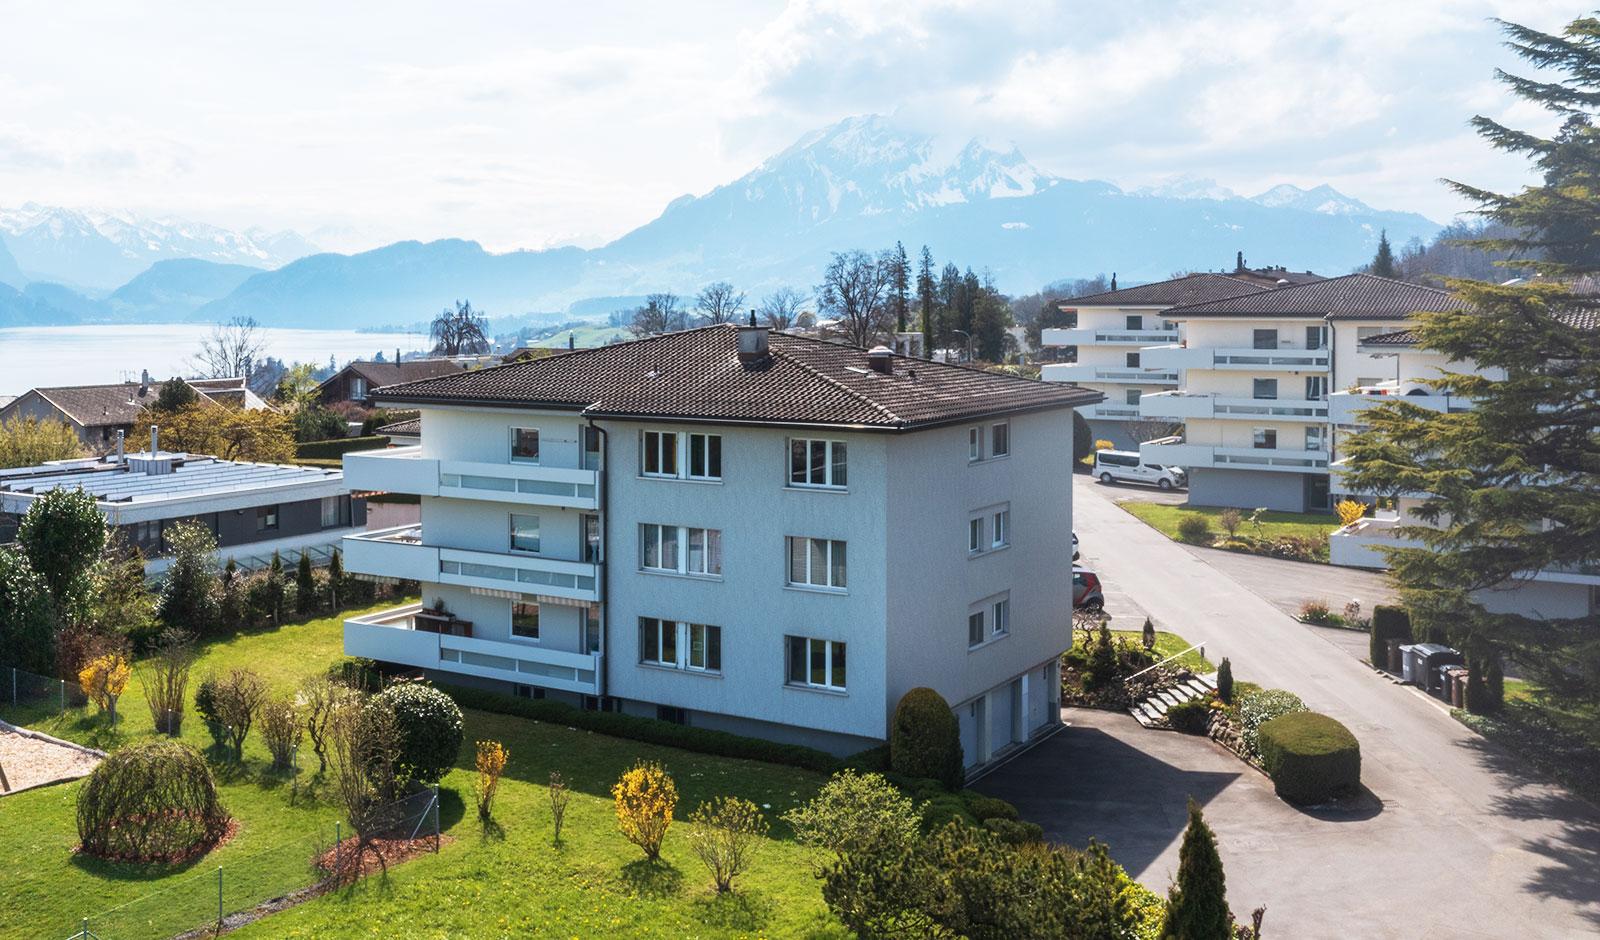 Sonnenverwöhnte Mietwohnung mit Alpenpanorama